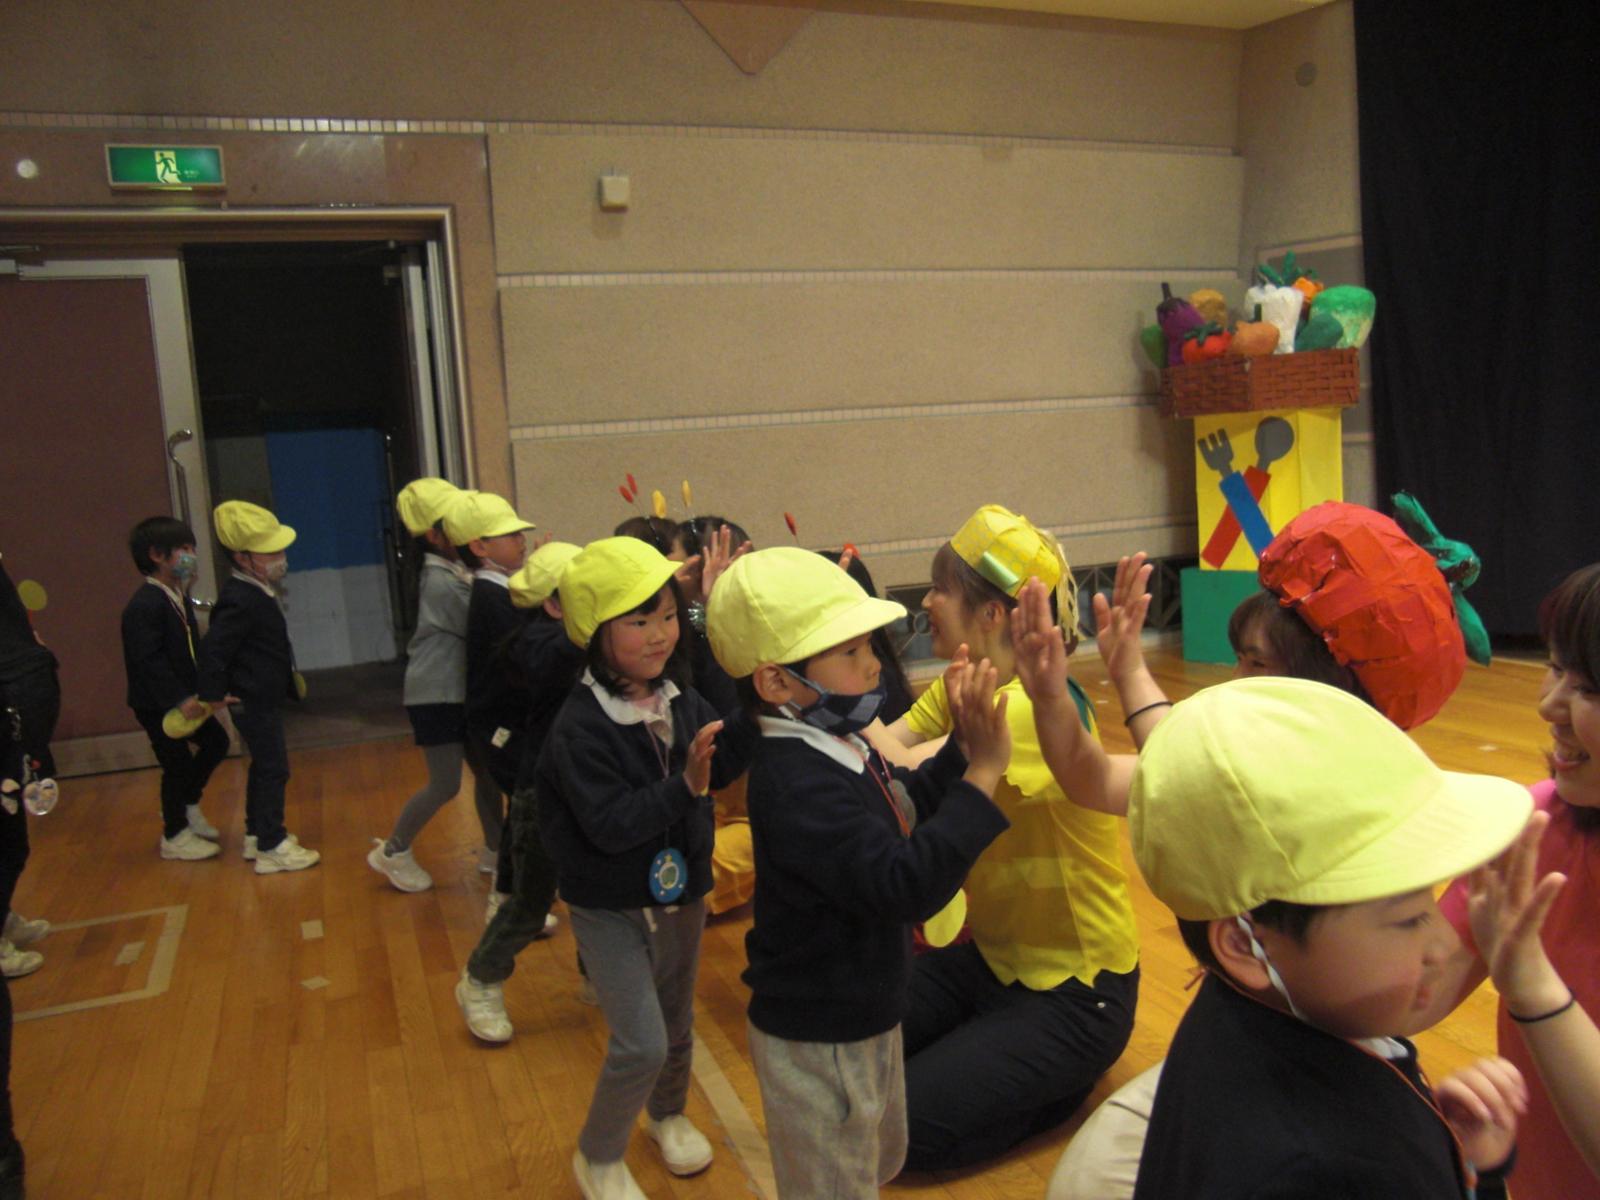 幼児教育祭のリハーサルを見に行ってきました☆:画像4